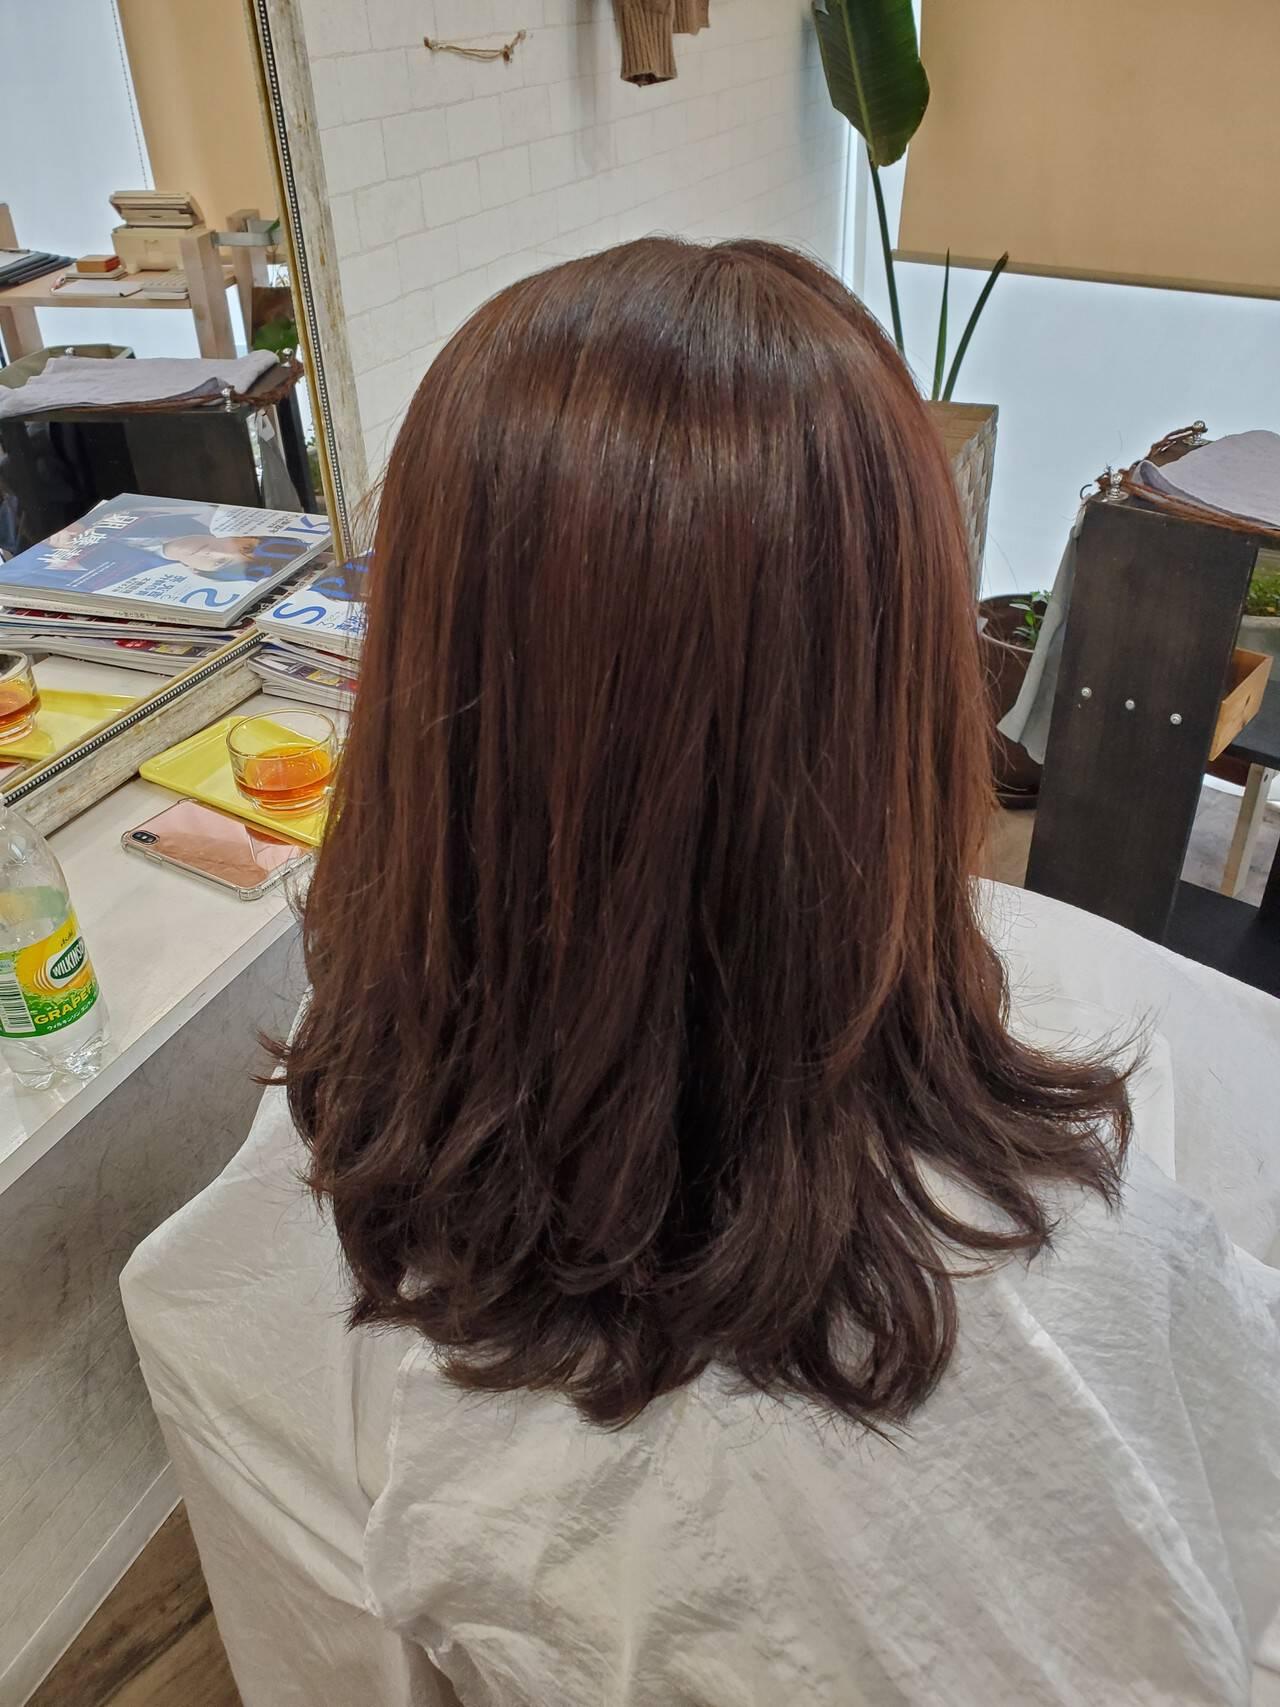 縮毛矯正名古屋市 デジタルパーマ 艶髪 フェミニンヘアスタイルや髪型の写真・画像